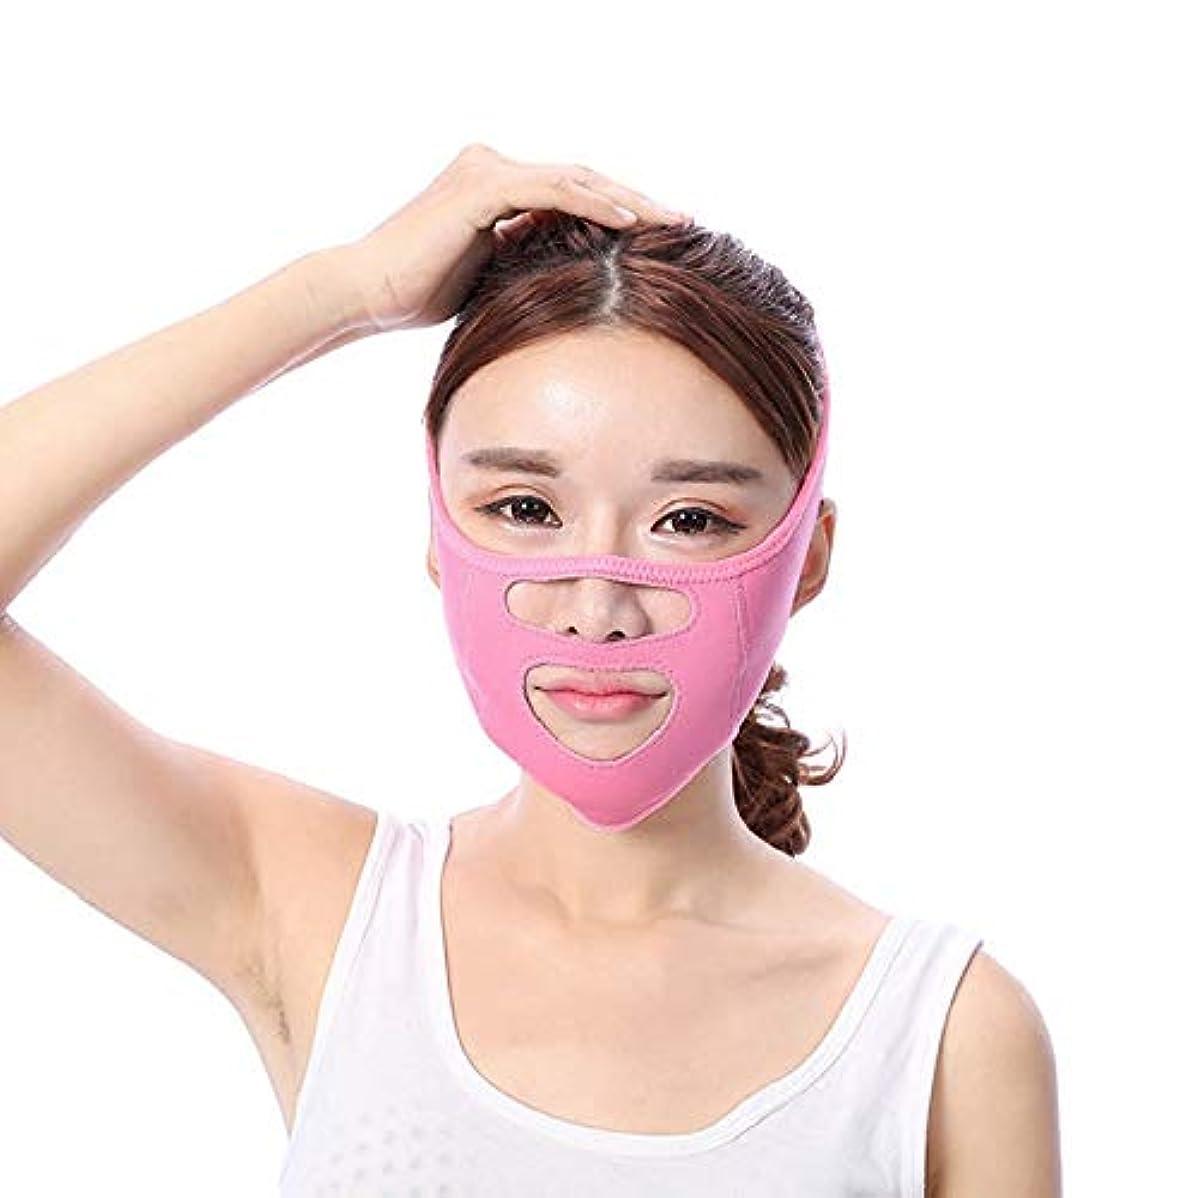 XINGZHE 顔の持ち上がる痩身ベルト - あなたの顔のための素晴らしいトレーニング二重あごのワークアウトフェイスマスクベルト薄い顔包帯整形マスクは顔と首を締めますフェイススリム フェイスリフティングベルト